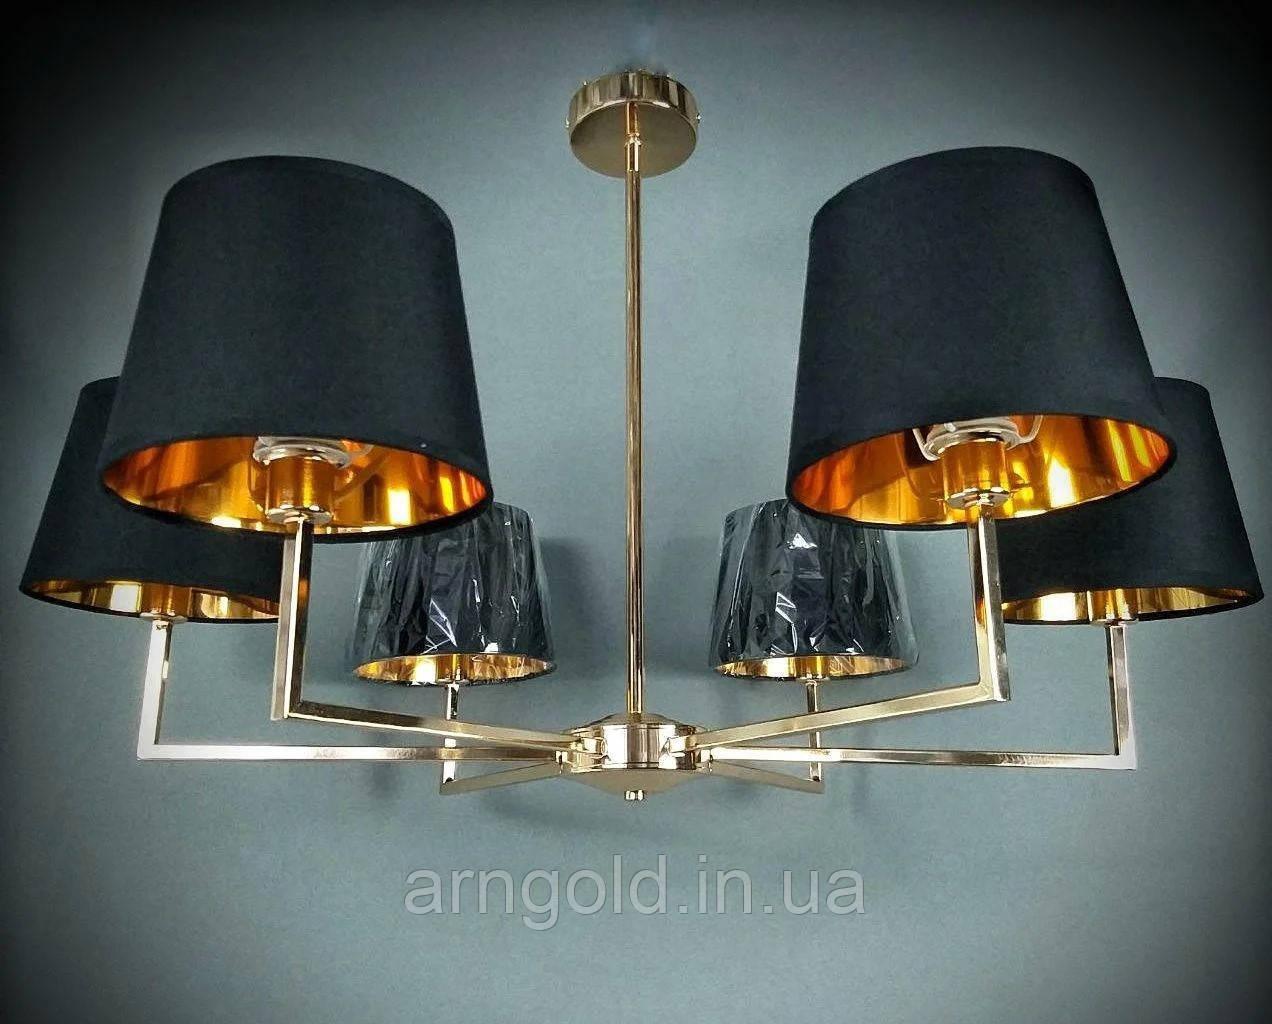 Люстра подвесная на 6 ламп 06-8926/6 FGD+WT TK